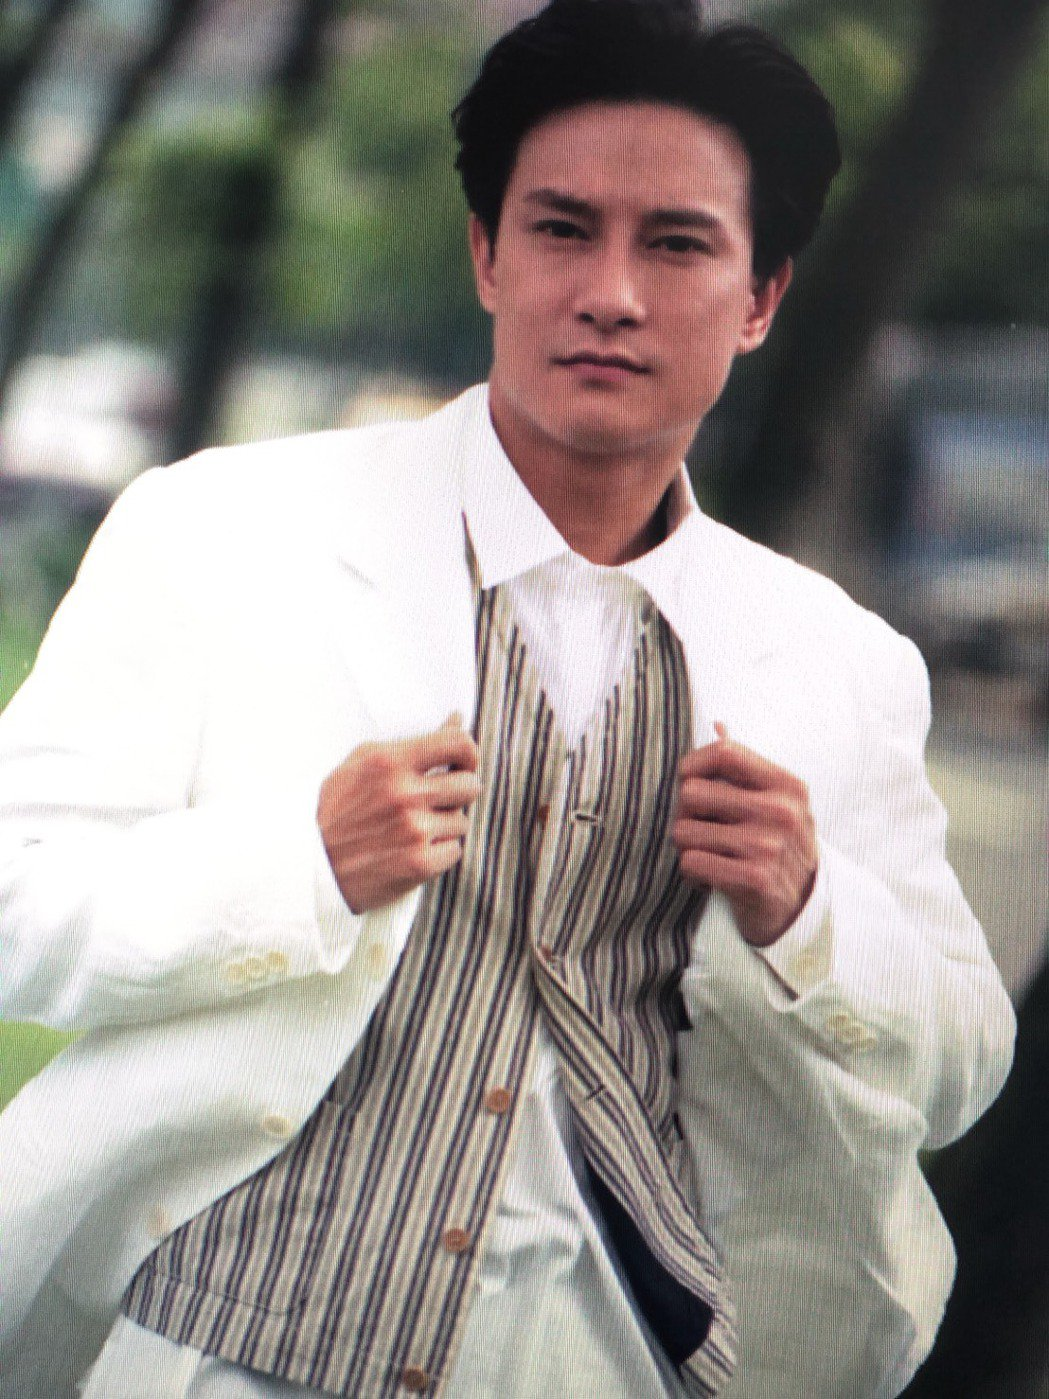 劉錫明當年外型俊帥,出道即備受矚目。圖/本報資料照